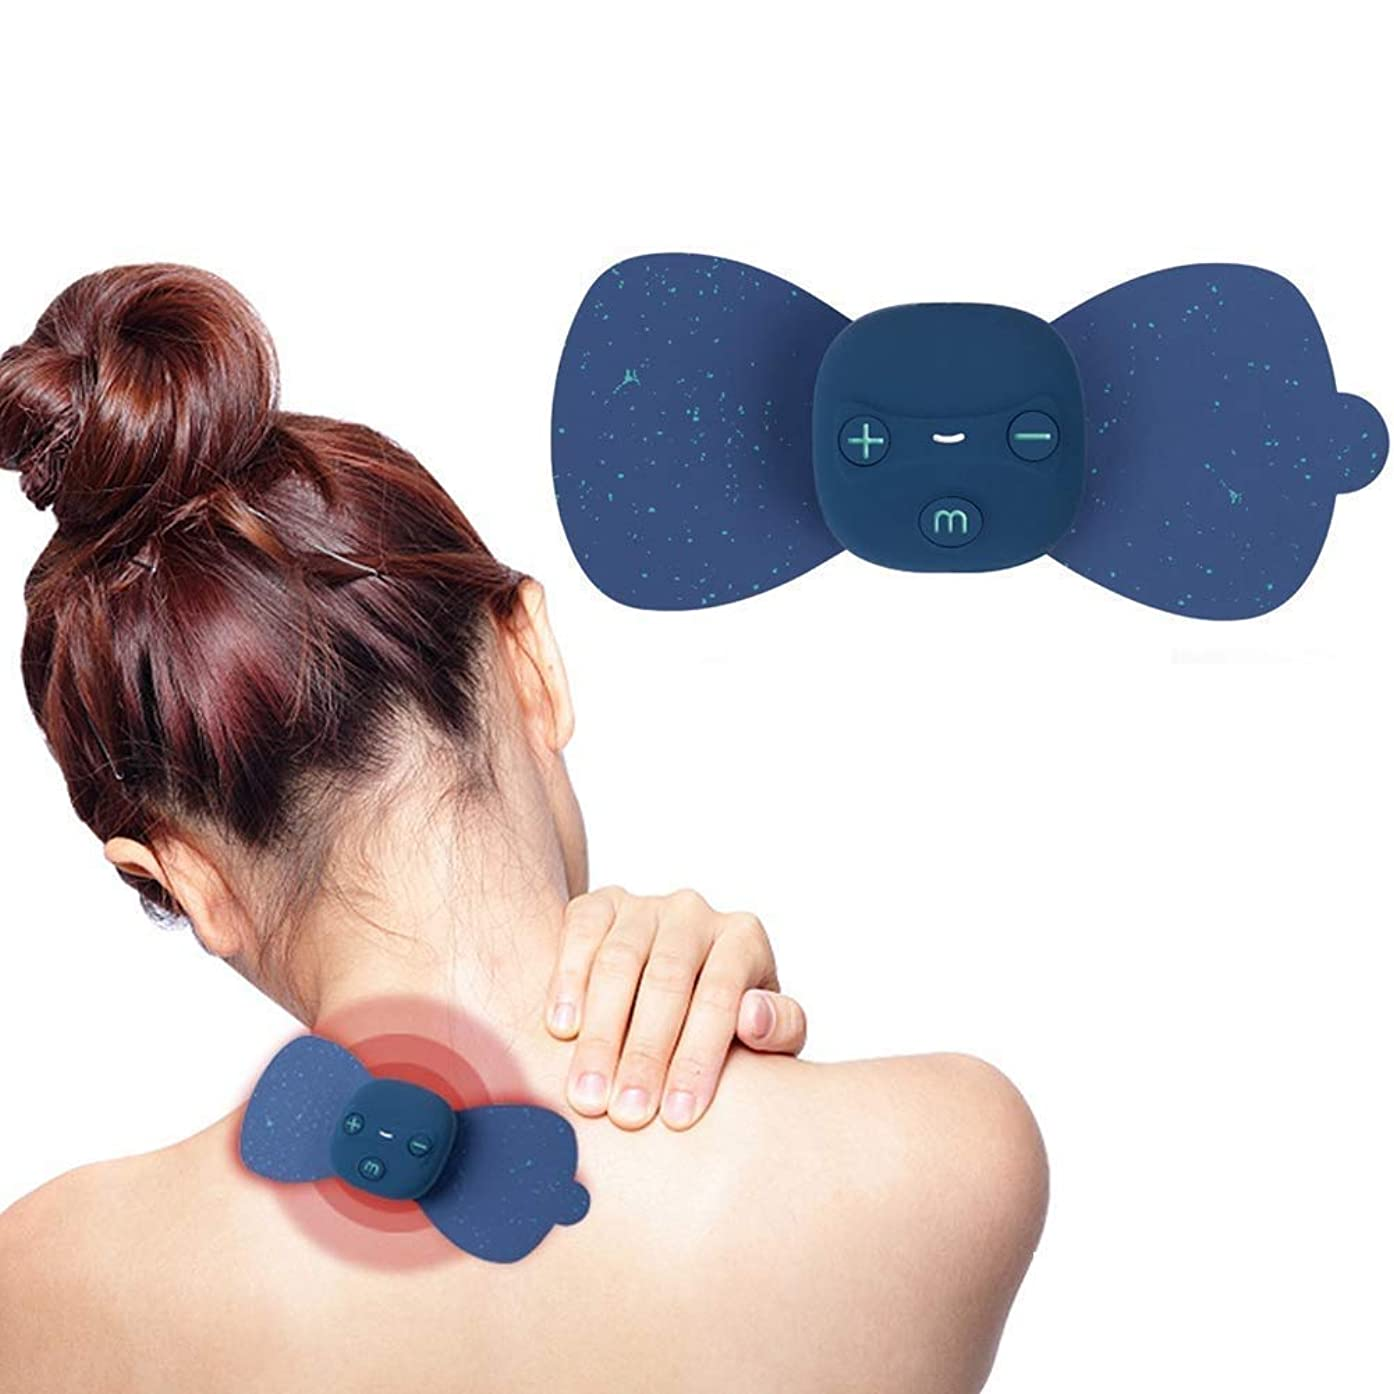 相談シリーズアンケートマッサージステッカー EMSマッサージテンマシンセラピーデバイス、ワイヤレステンユニット - 電極パッドデバイス - 電気刺激マシン - EMS痛み緩和療法神経刺激用筋肉